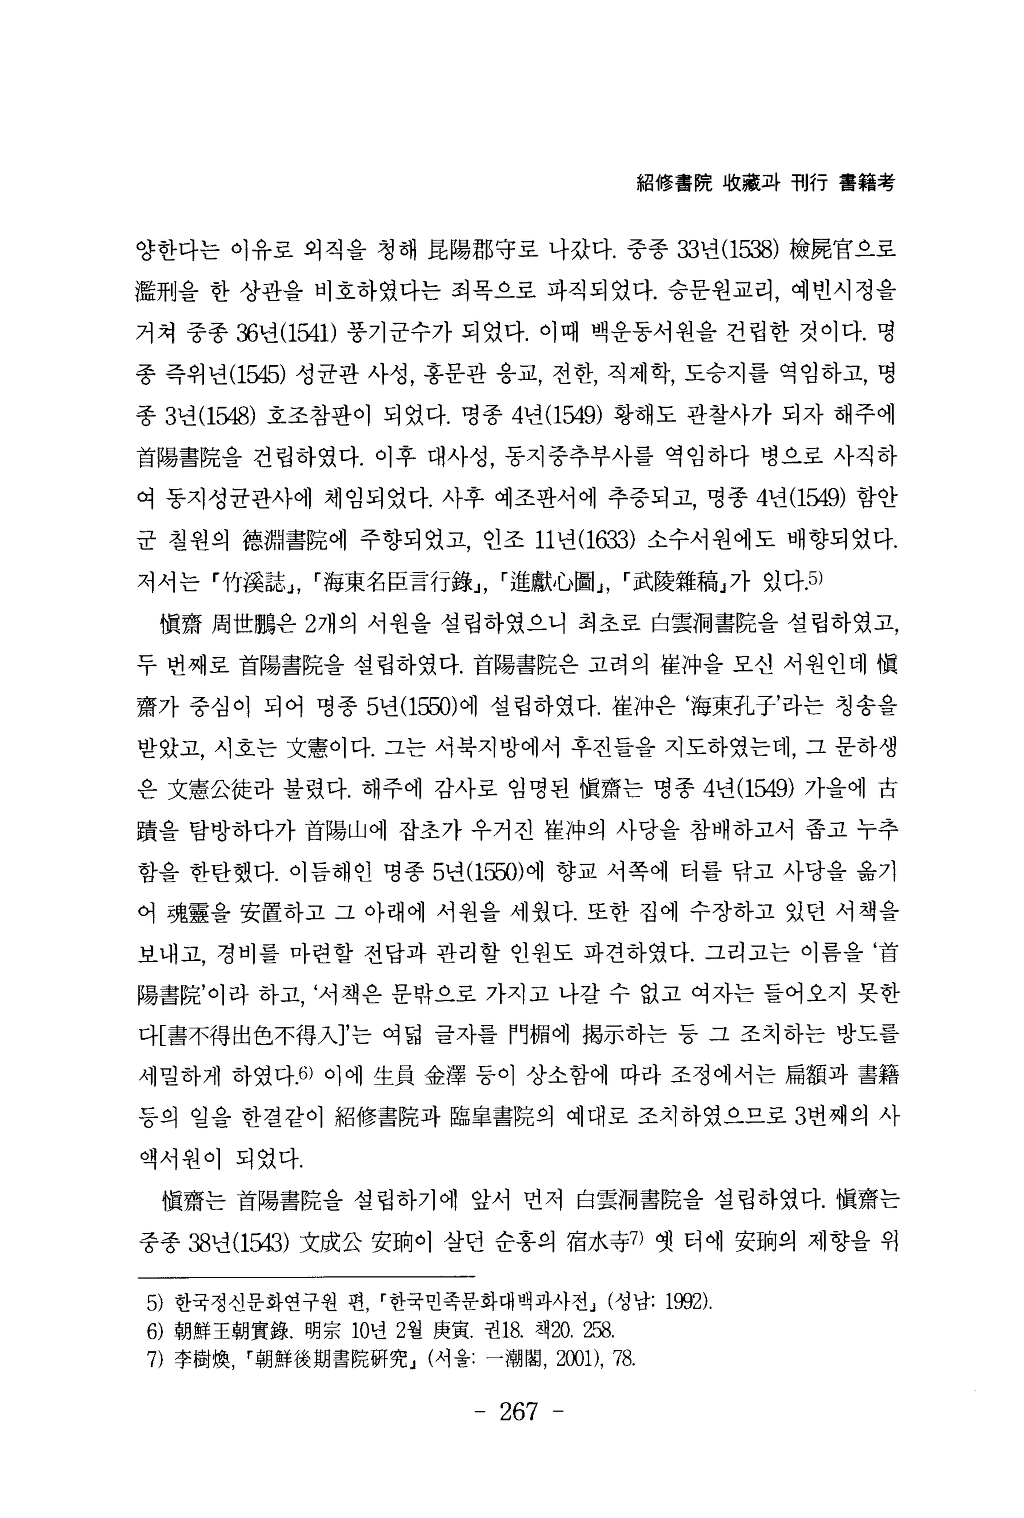 소수서원(紹修書院)_수장(收藏)과_간행_서적고(書籍考)_페이지_05.png